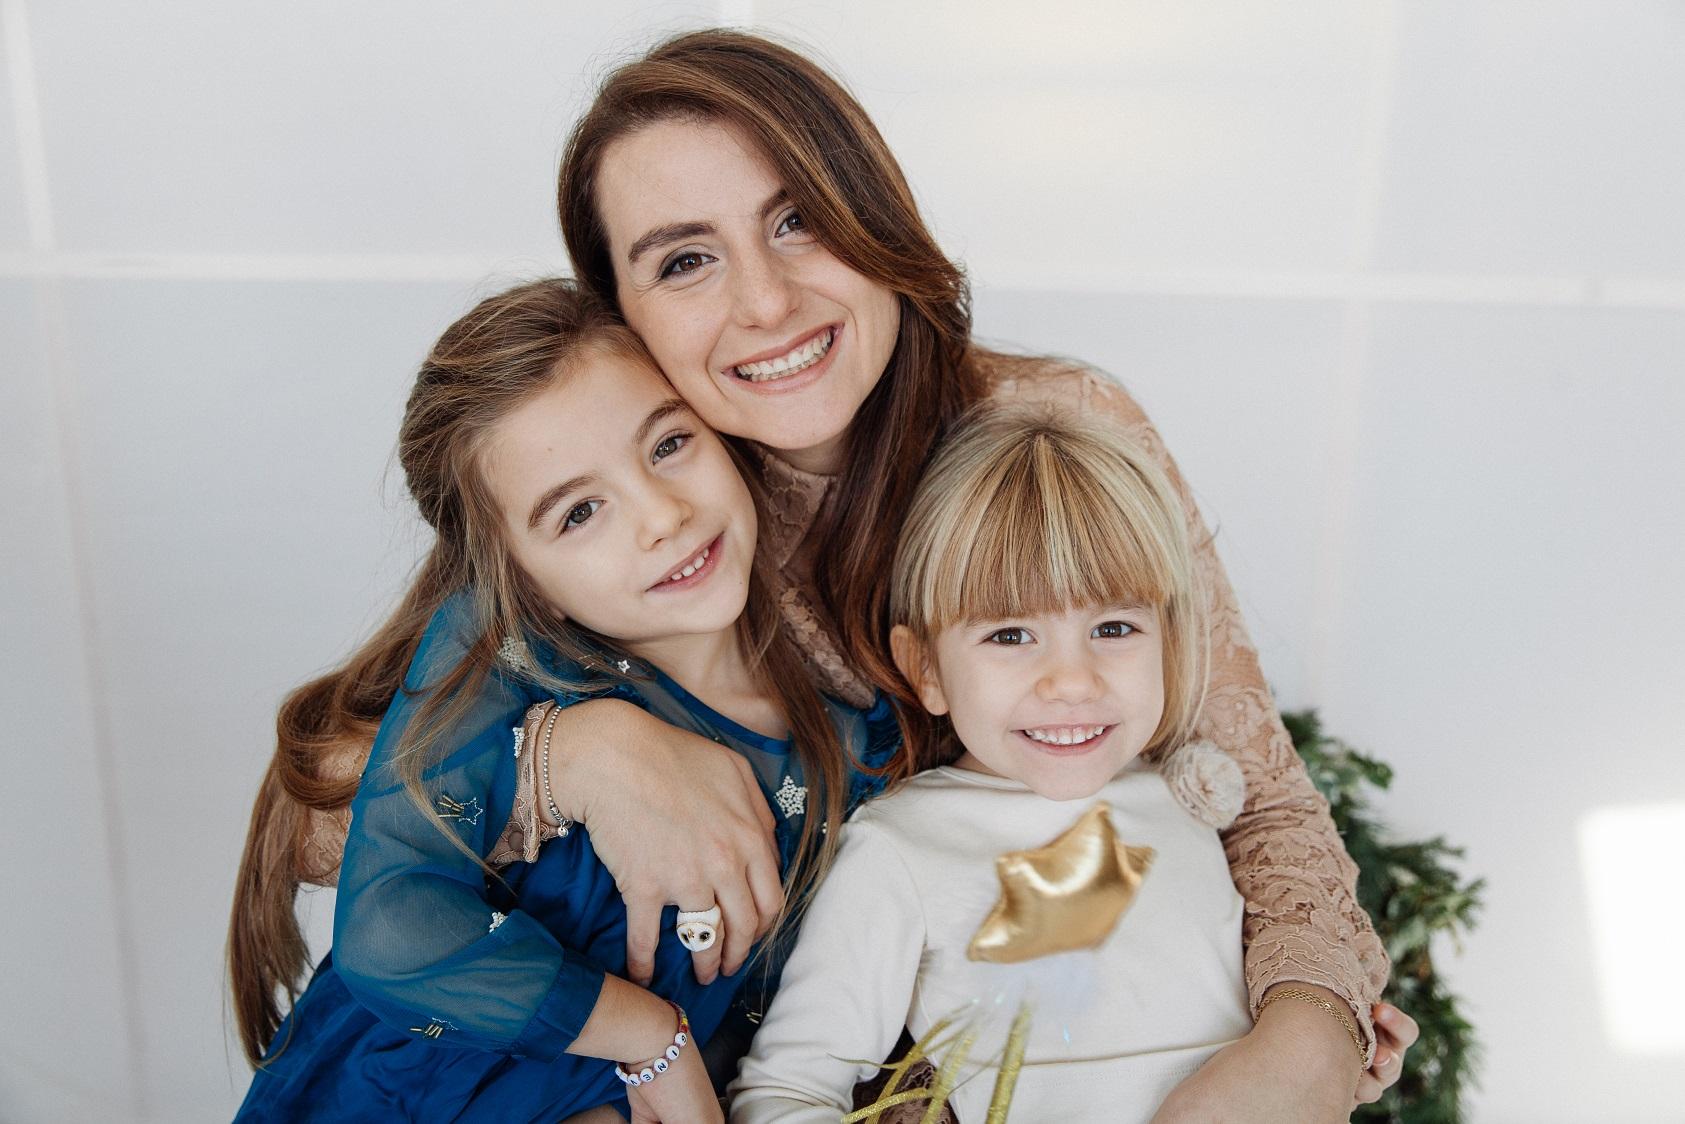 fotografie-professionali-milano-famiglia-bambini